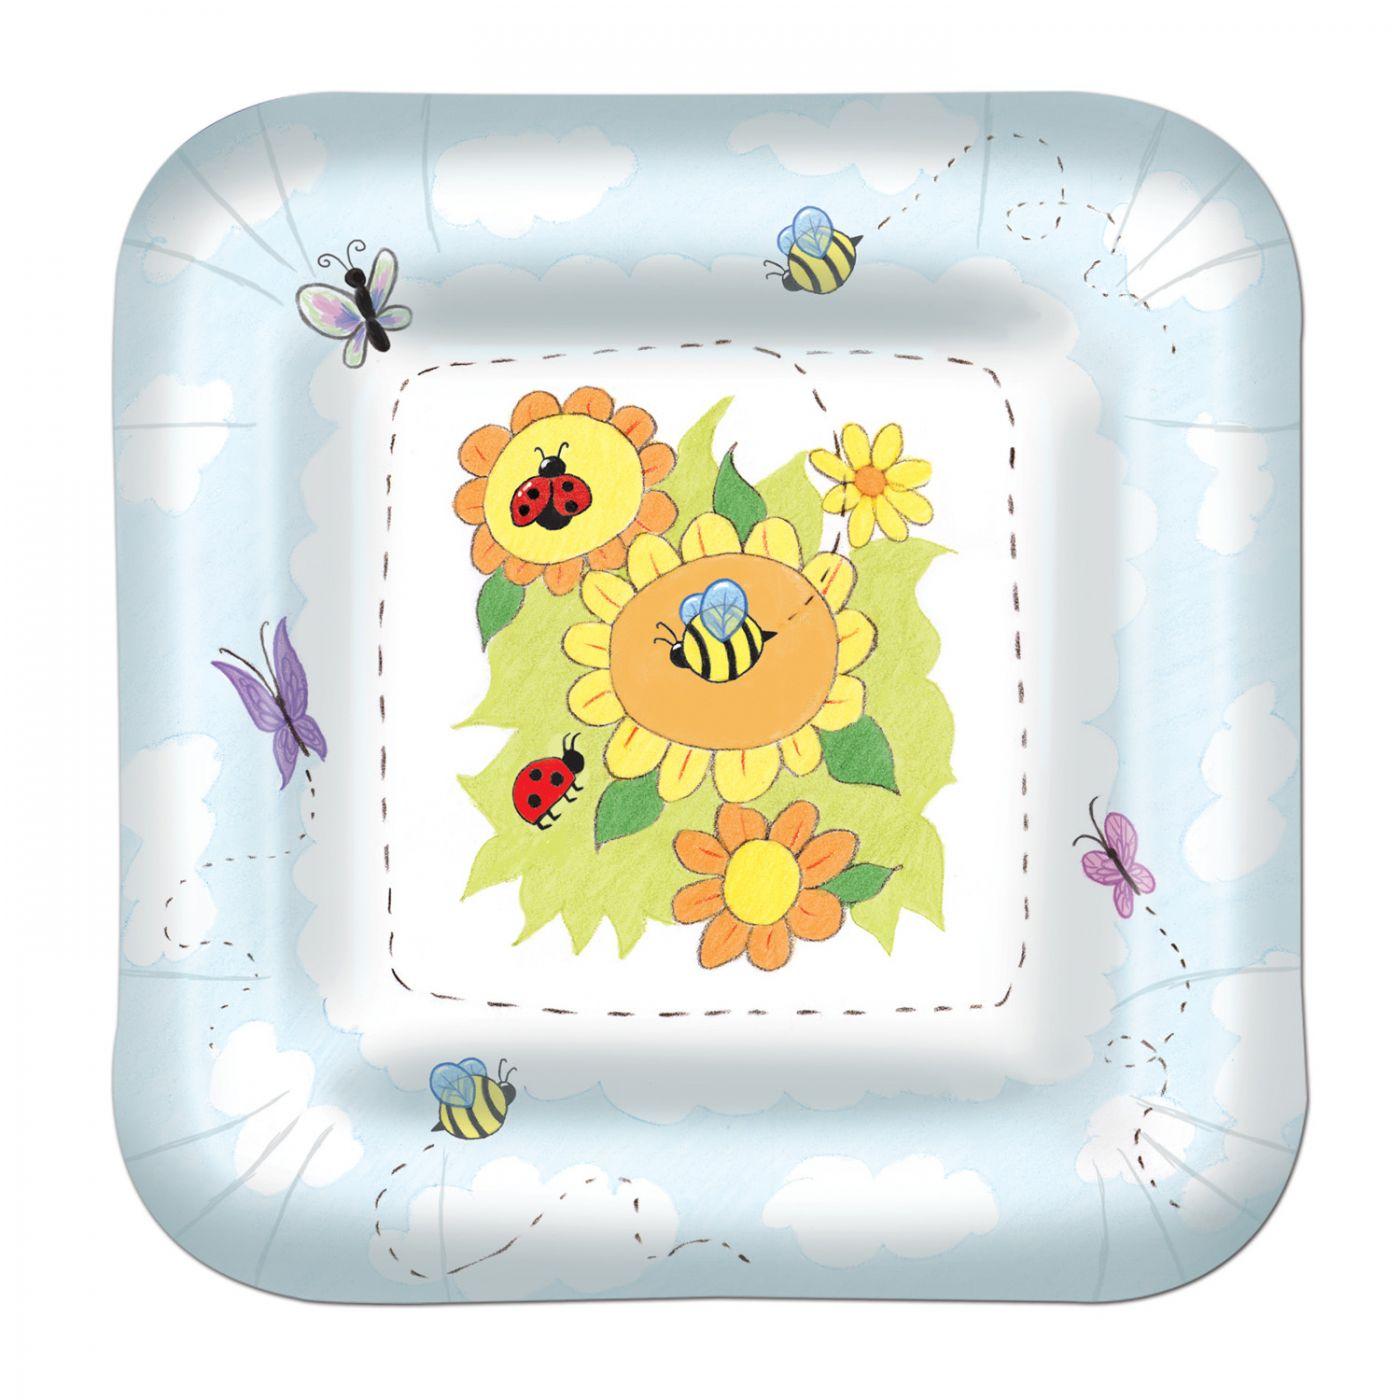 Garden Plates image